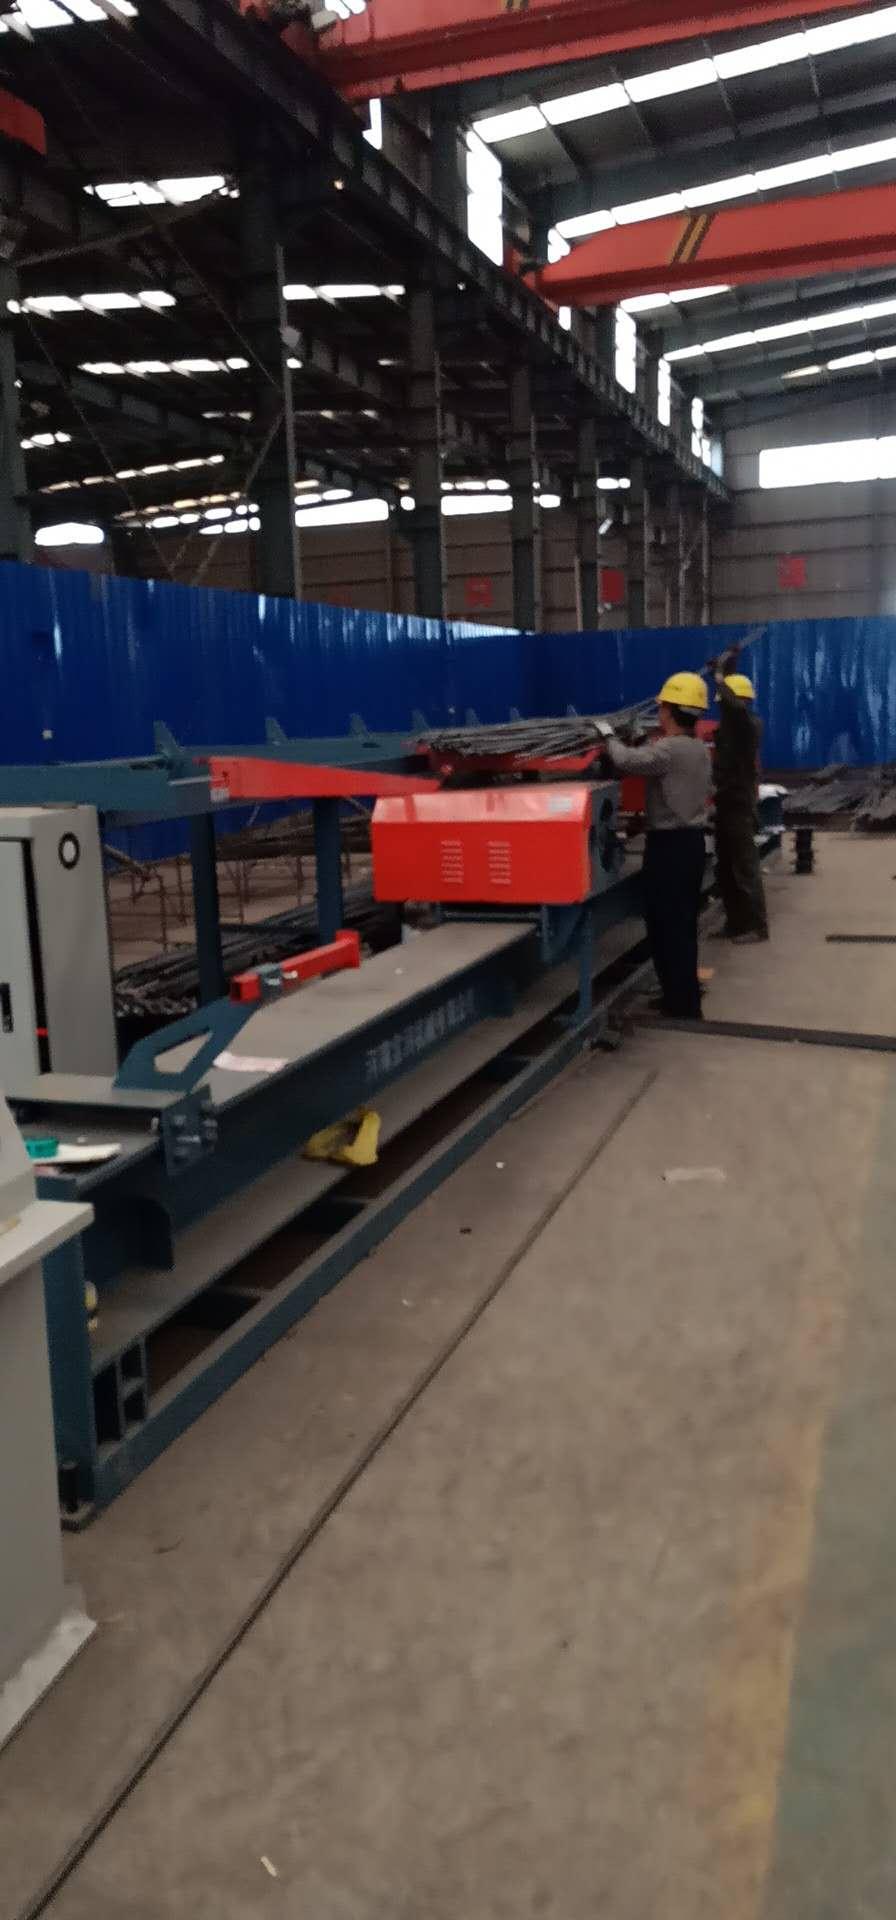 四川省巴中市钢筋弯曲中心技术要求质量求生存